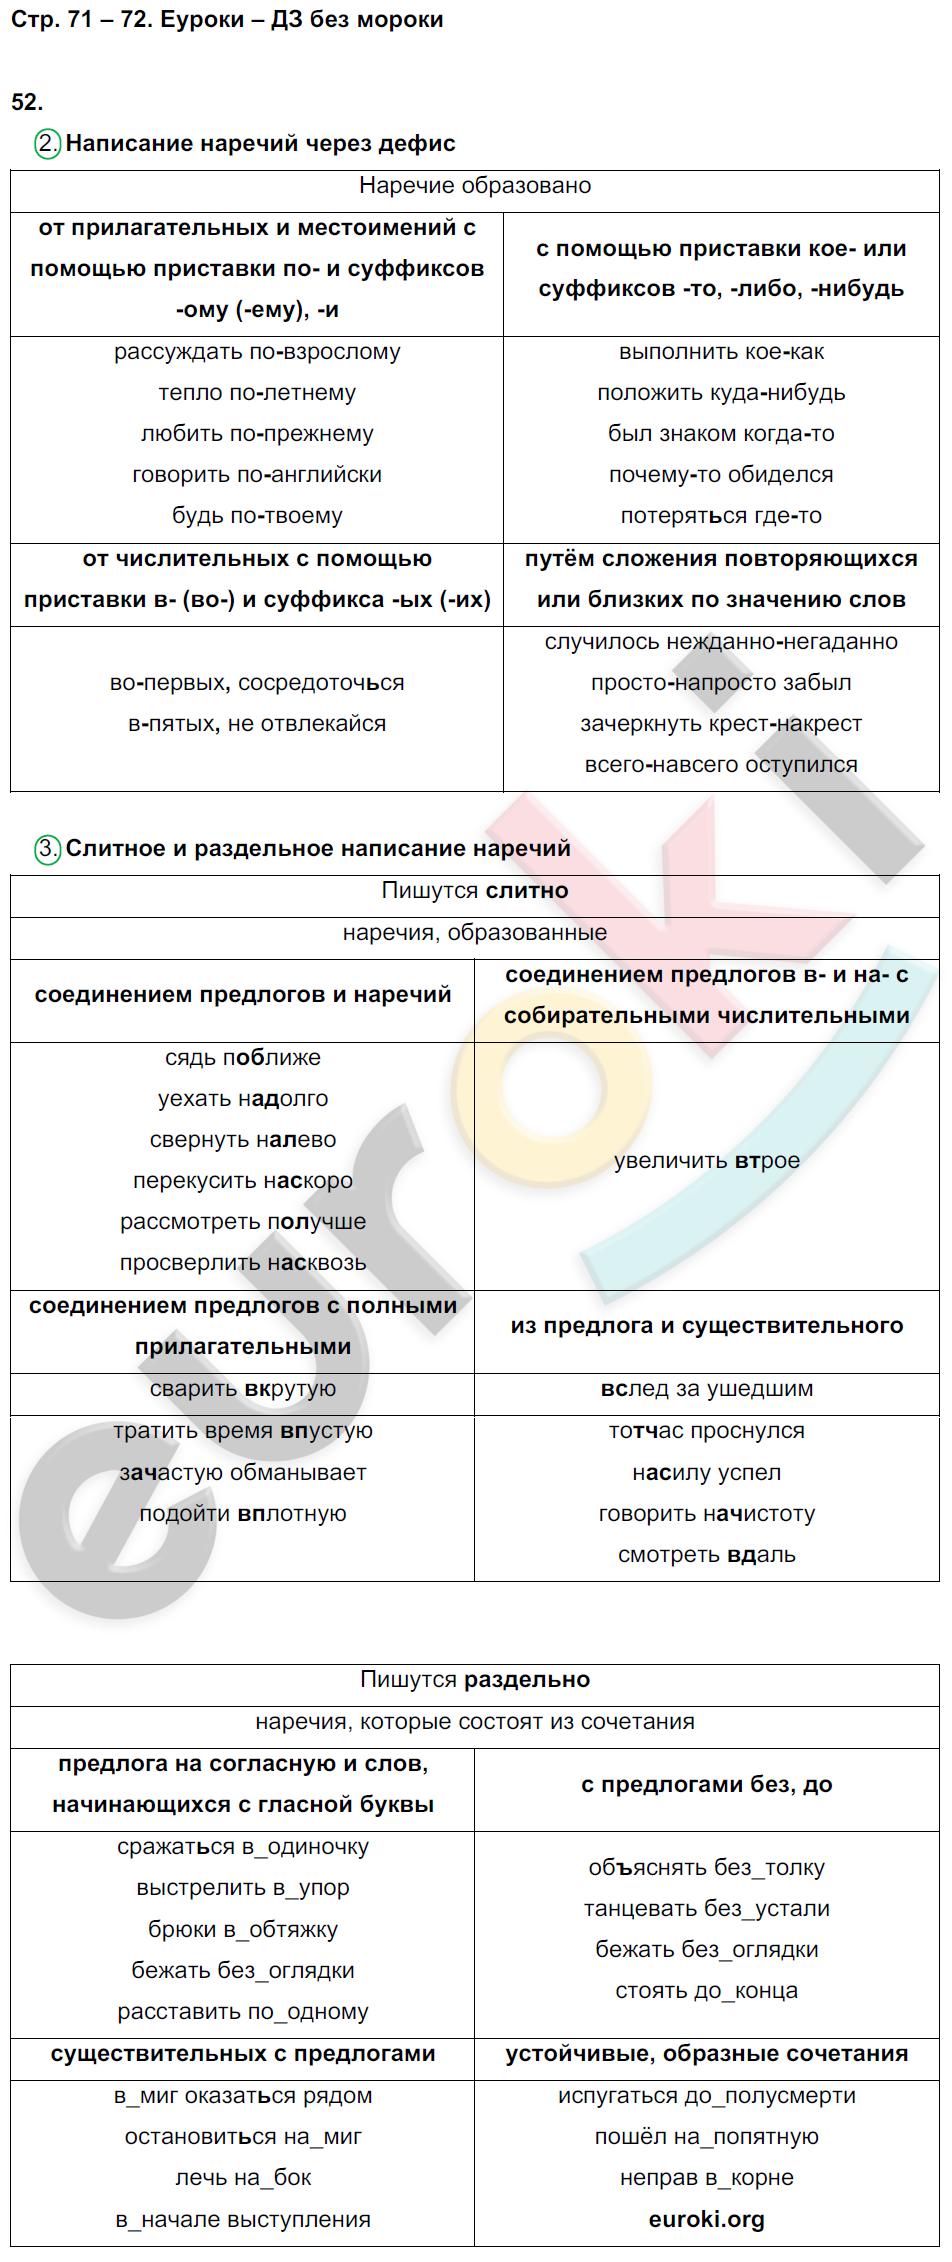 ГДЗ по русскому языку 7 класс рабочая тетрадь Ерохина. Задание: стр. 72